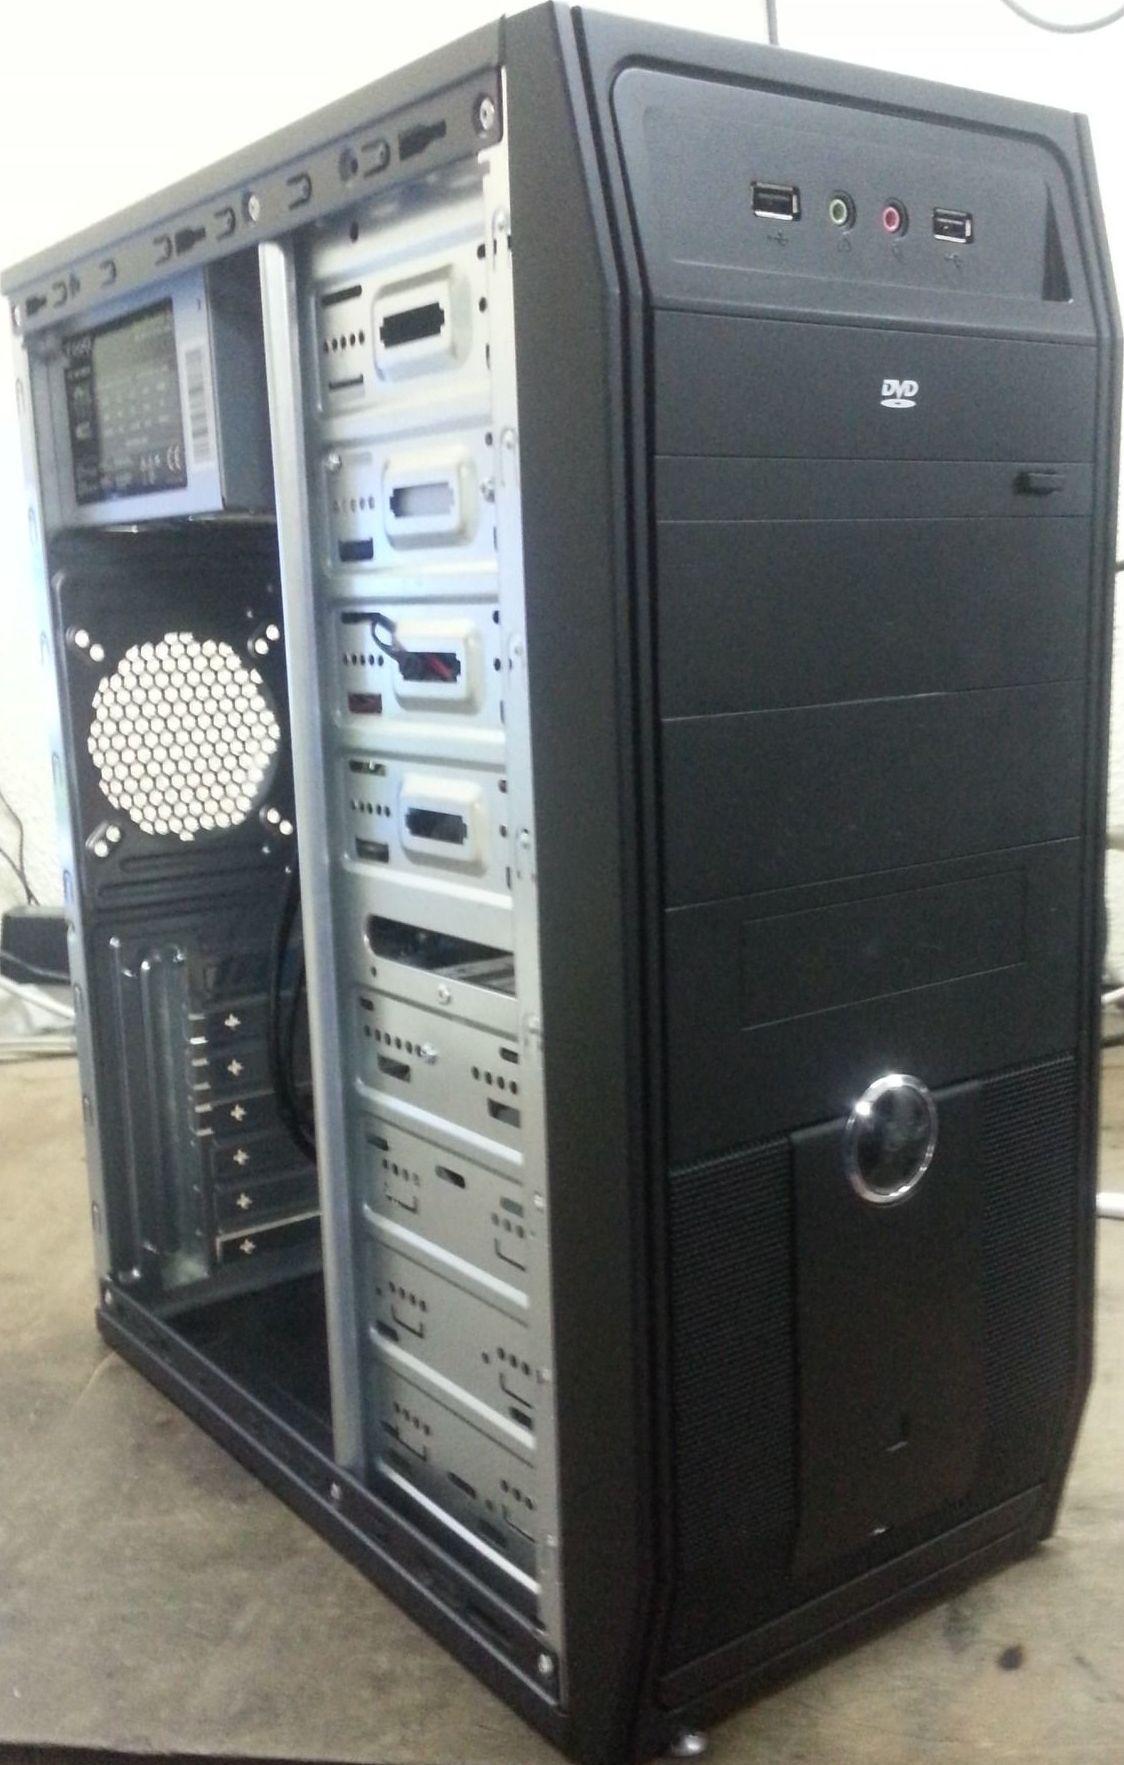 Servicio técnico informatica